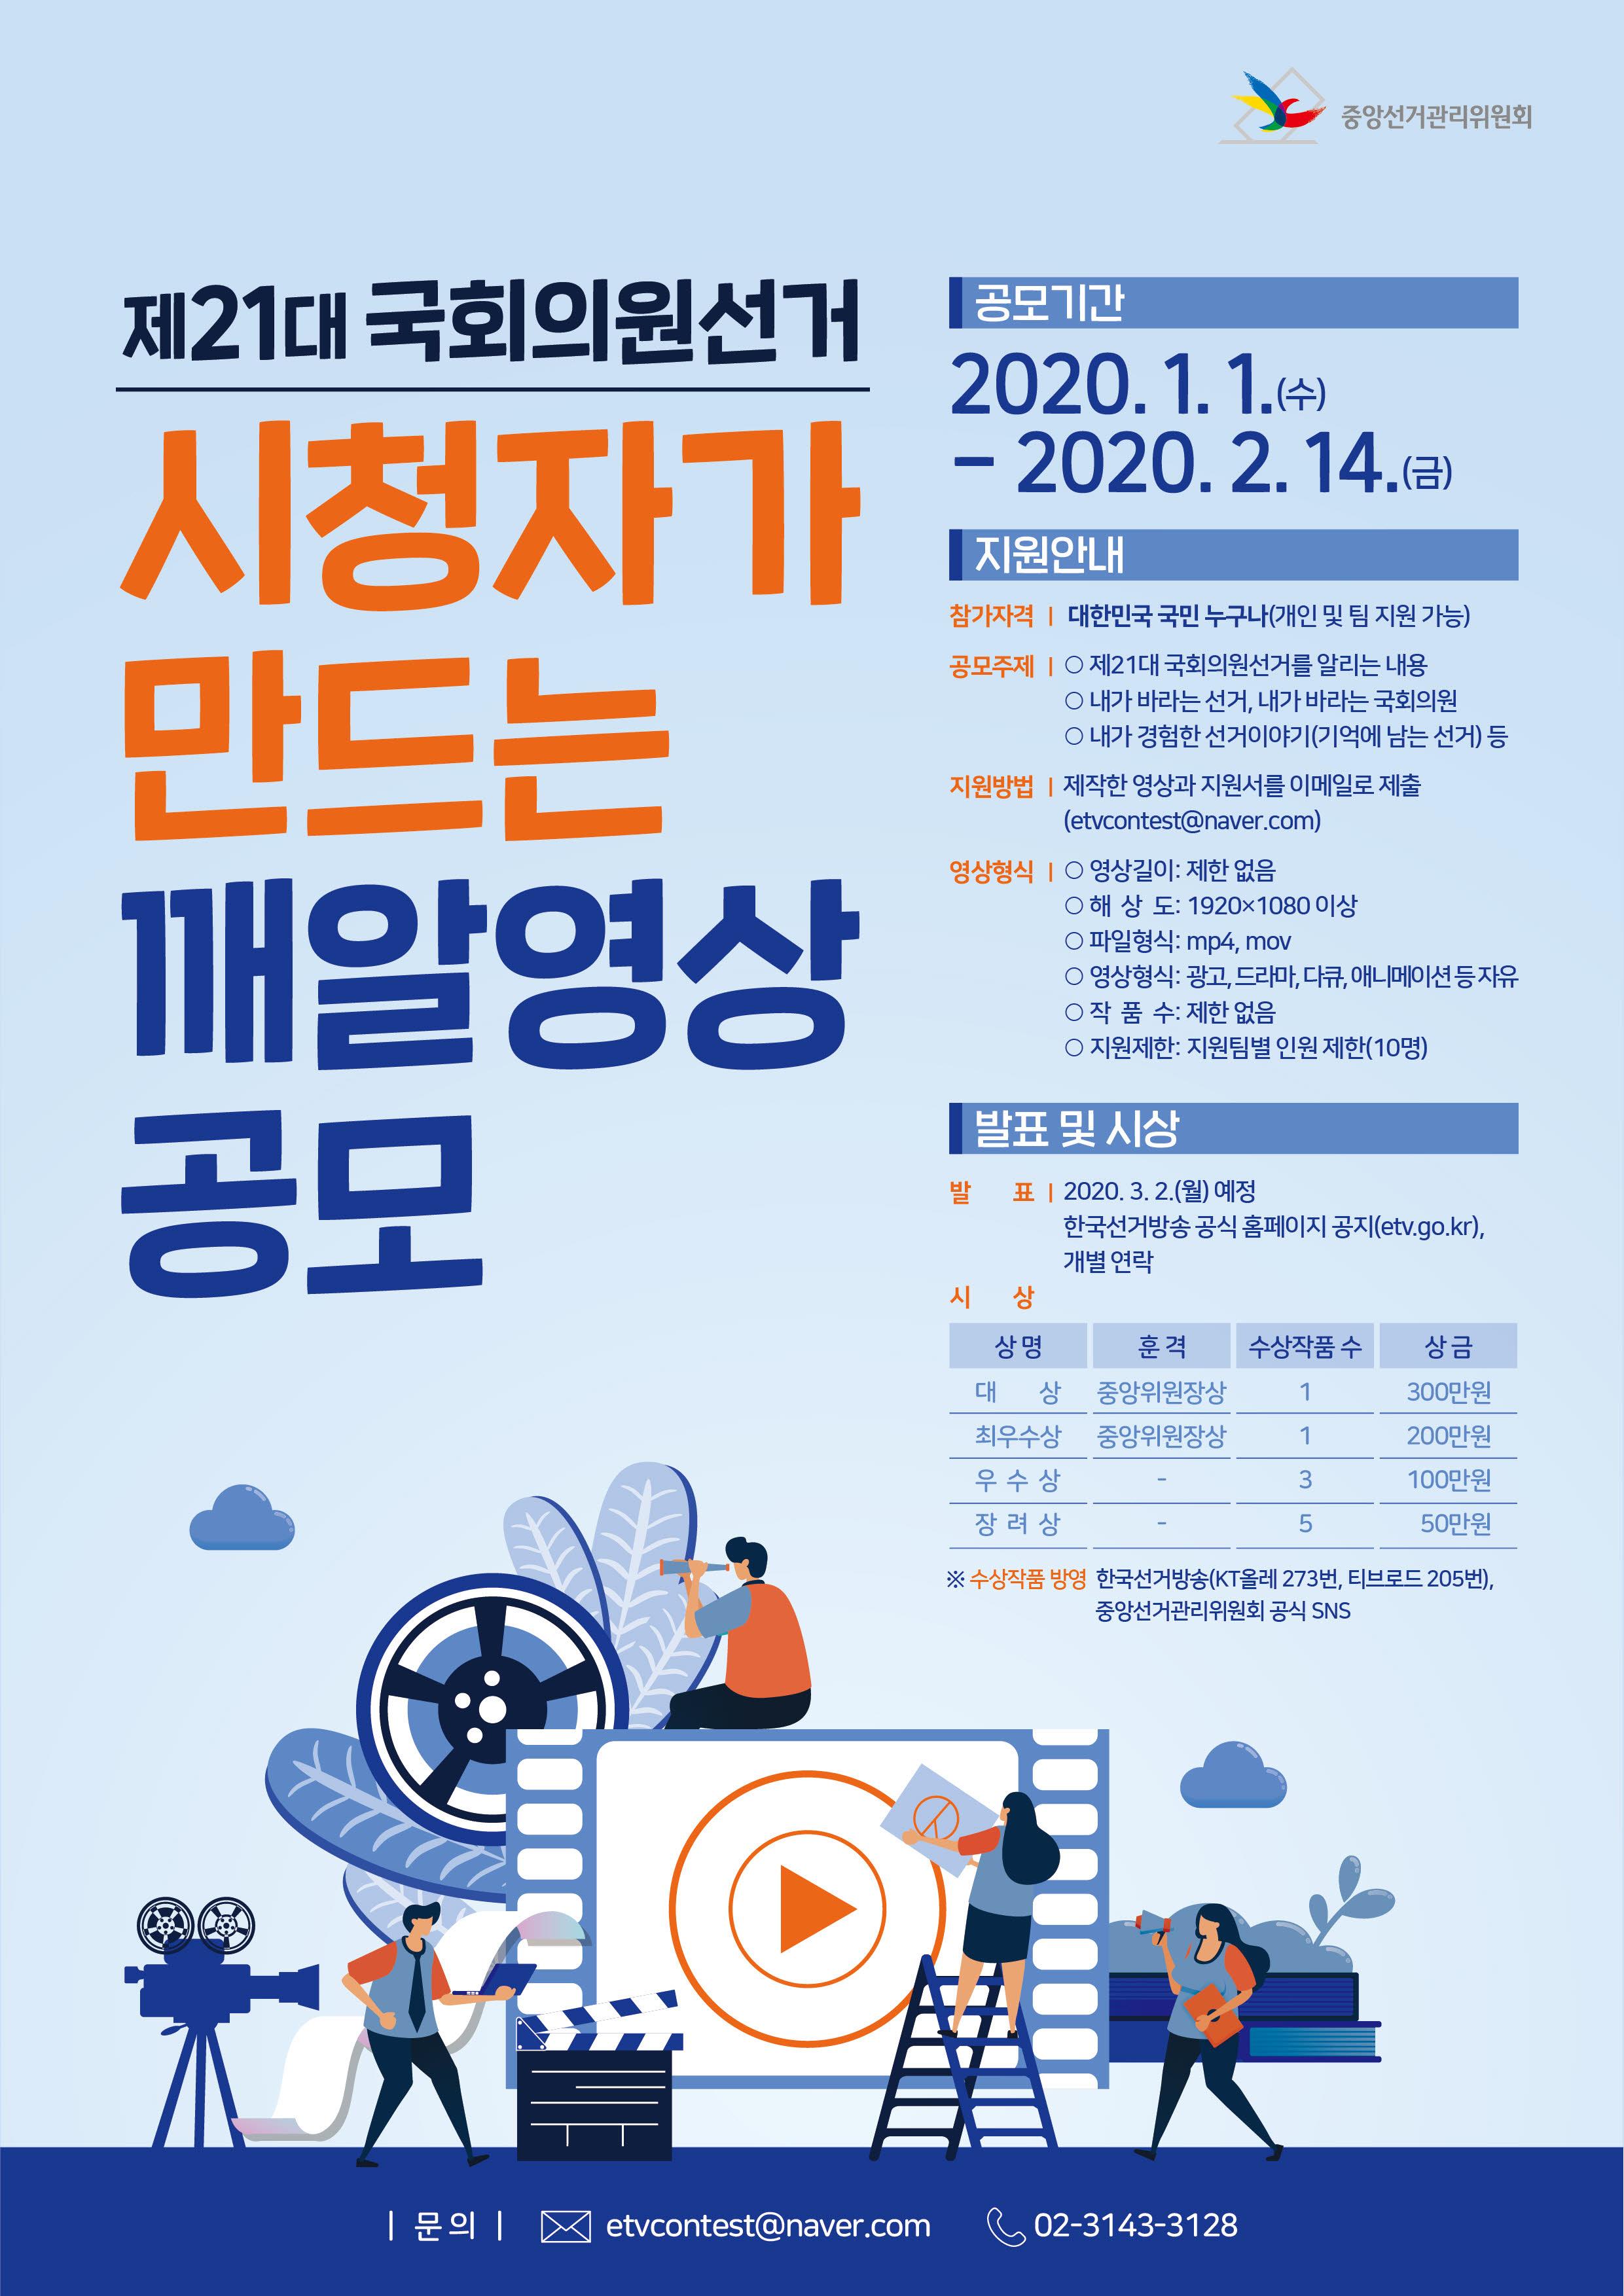 [중앙선거관리위원회]제21대 국회위원 선거 시청자가 만드는 깨알영상 공모